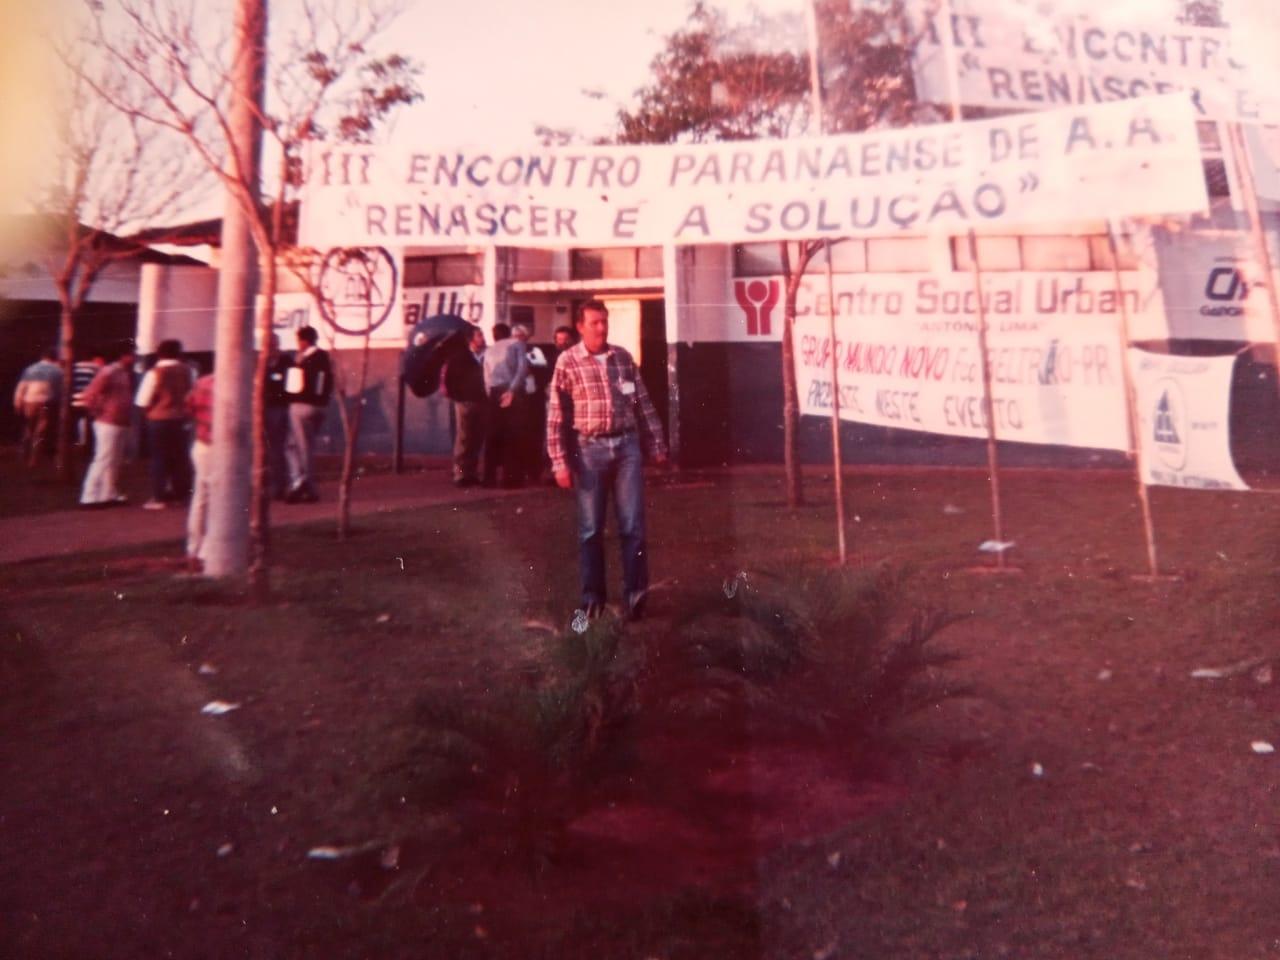 Morre um dos primeiros coordenadores do Alcoólicos Anônimos de Paranaguá